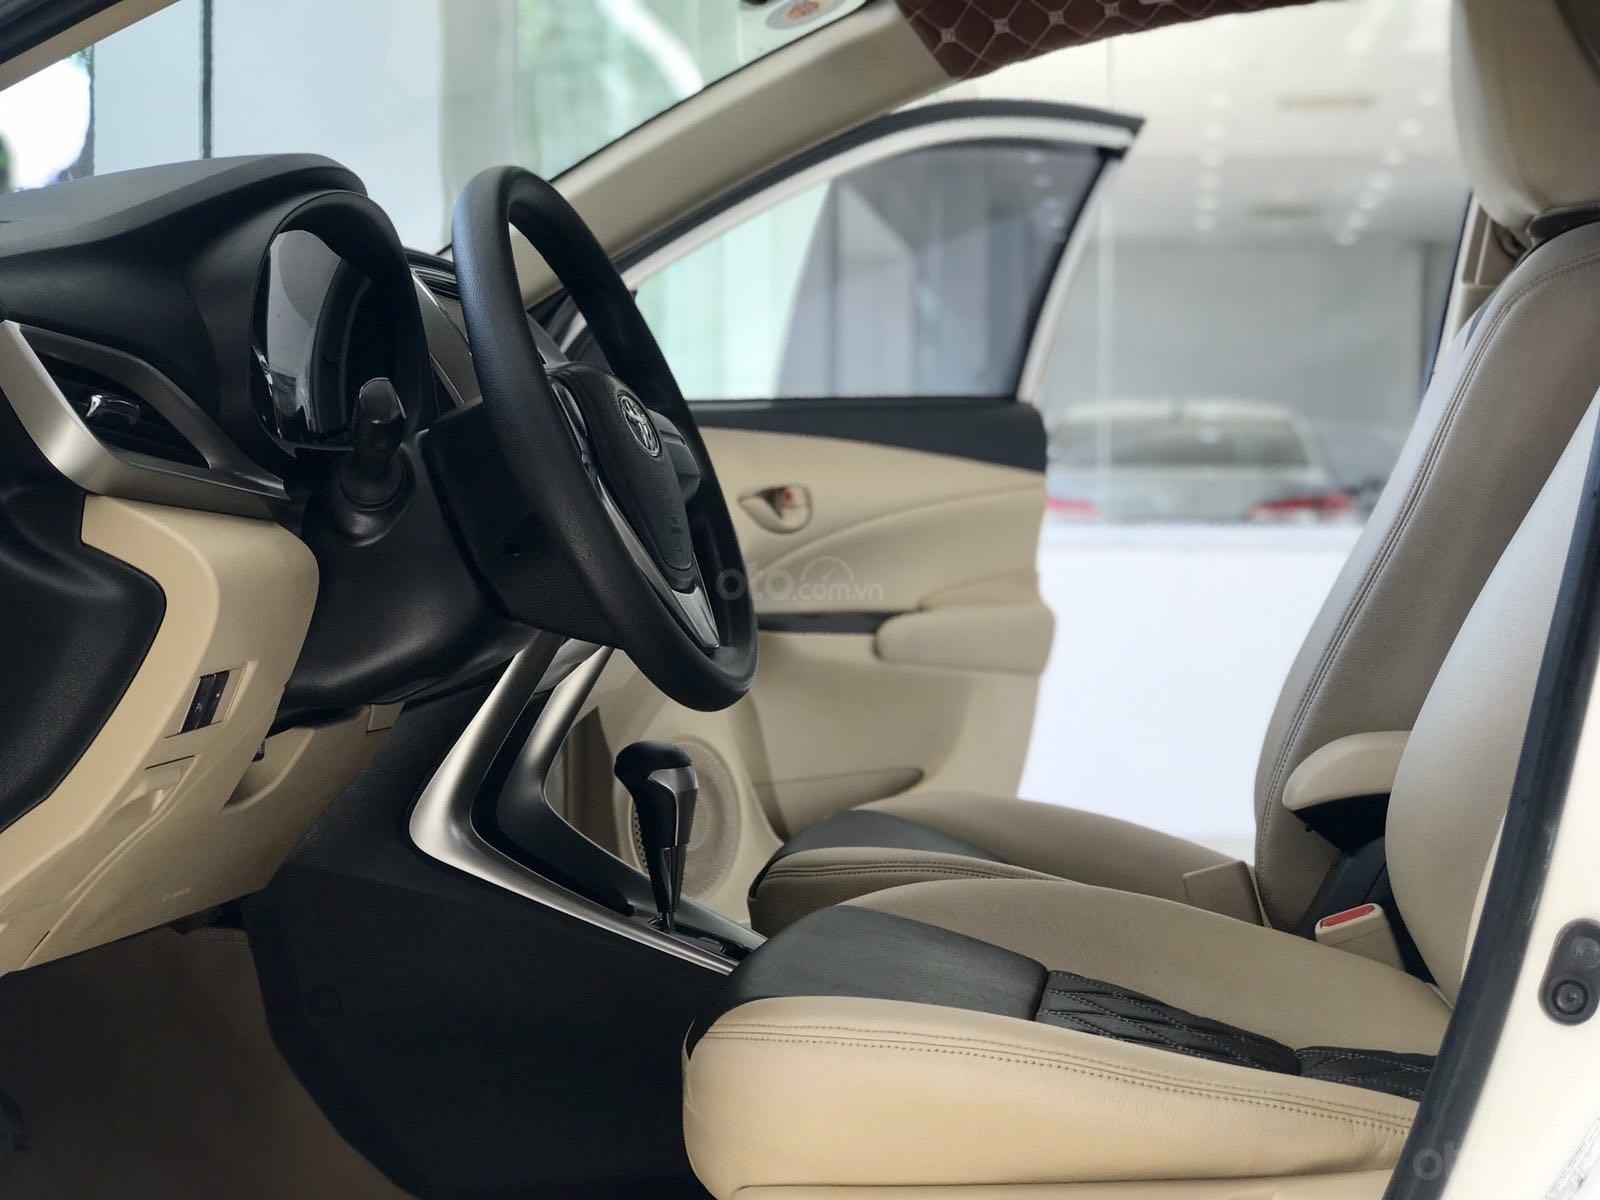 Bán xe Toyota Vios đời 2018, màu trắng xe giá tốt 480 triệu đồng (3)